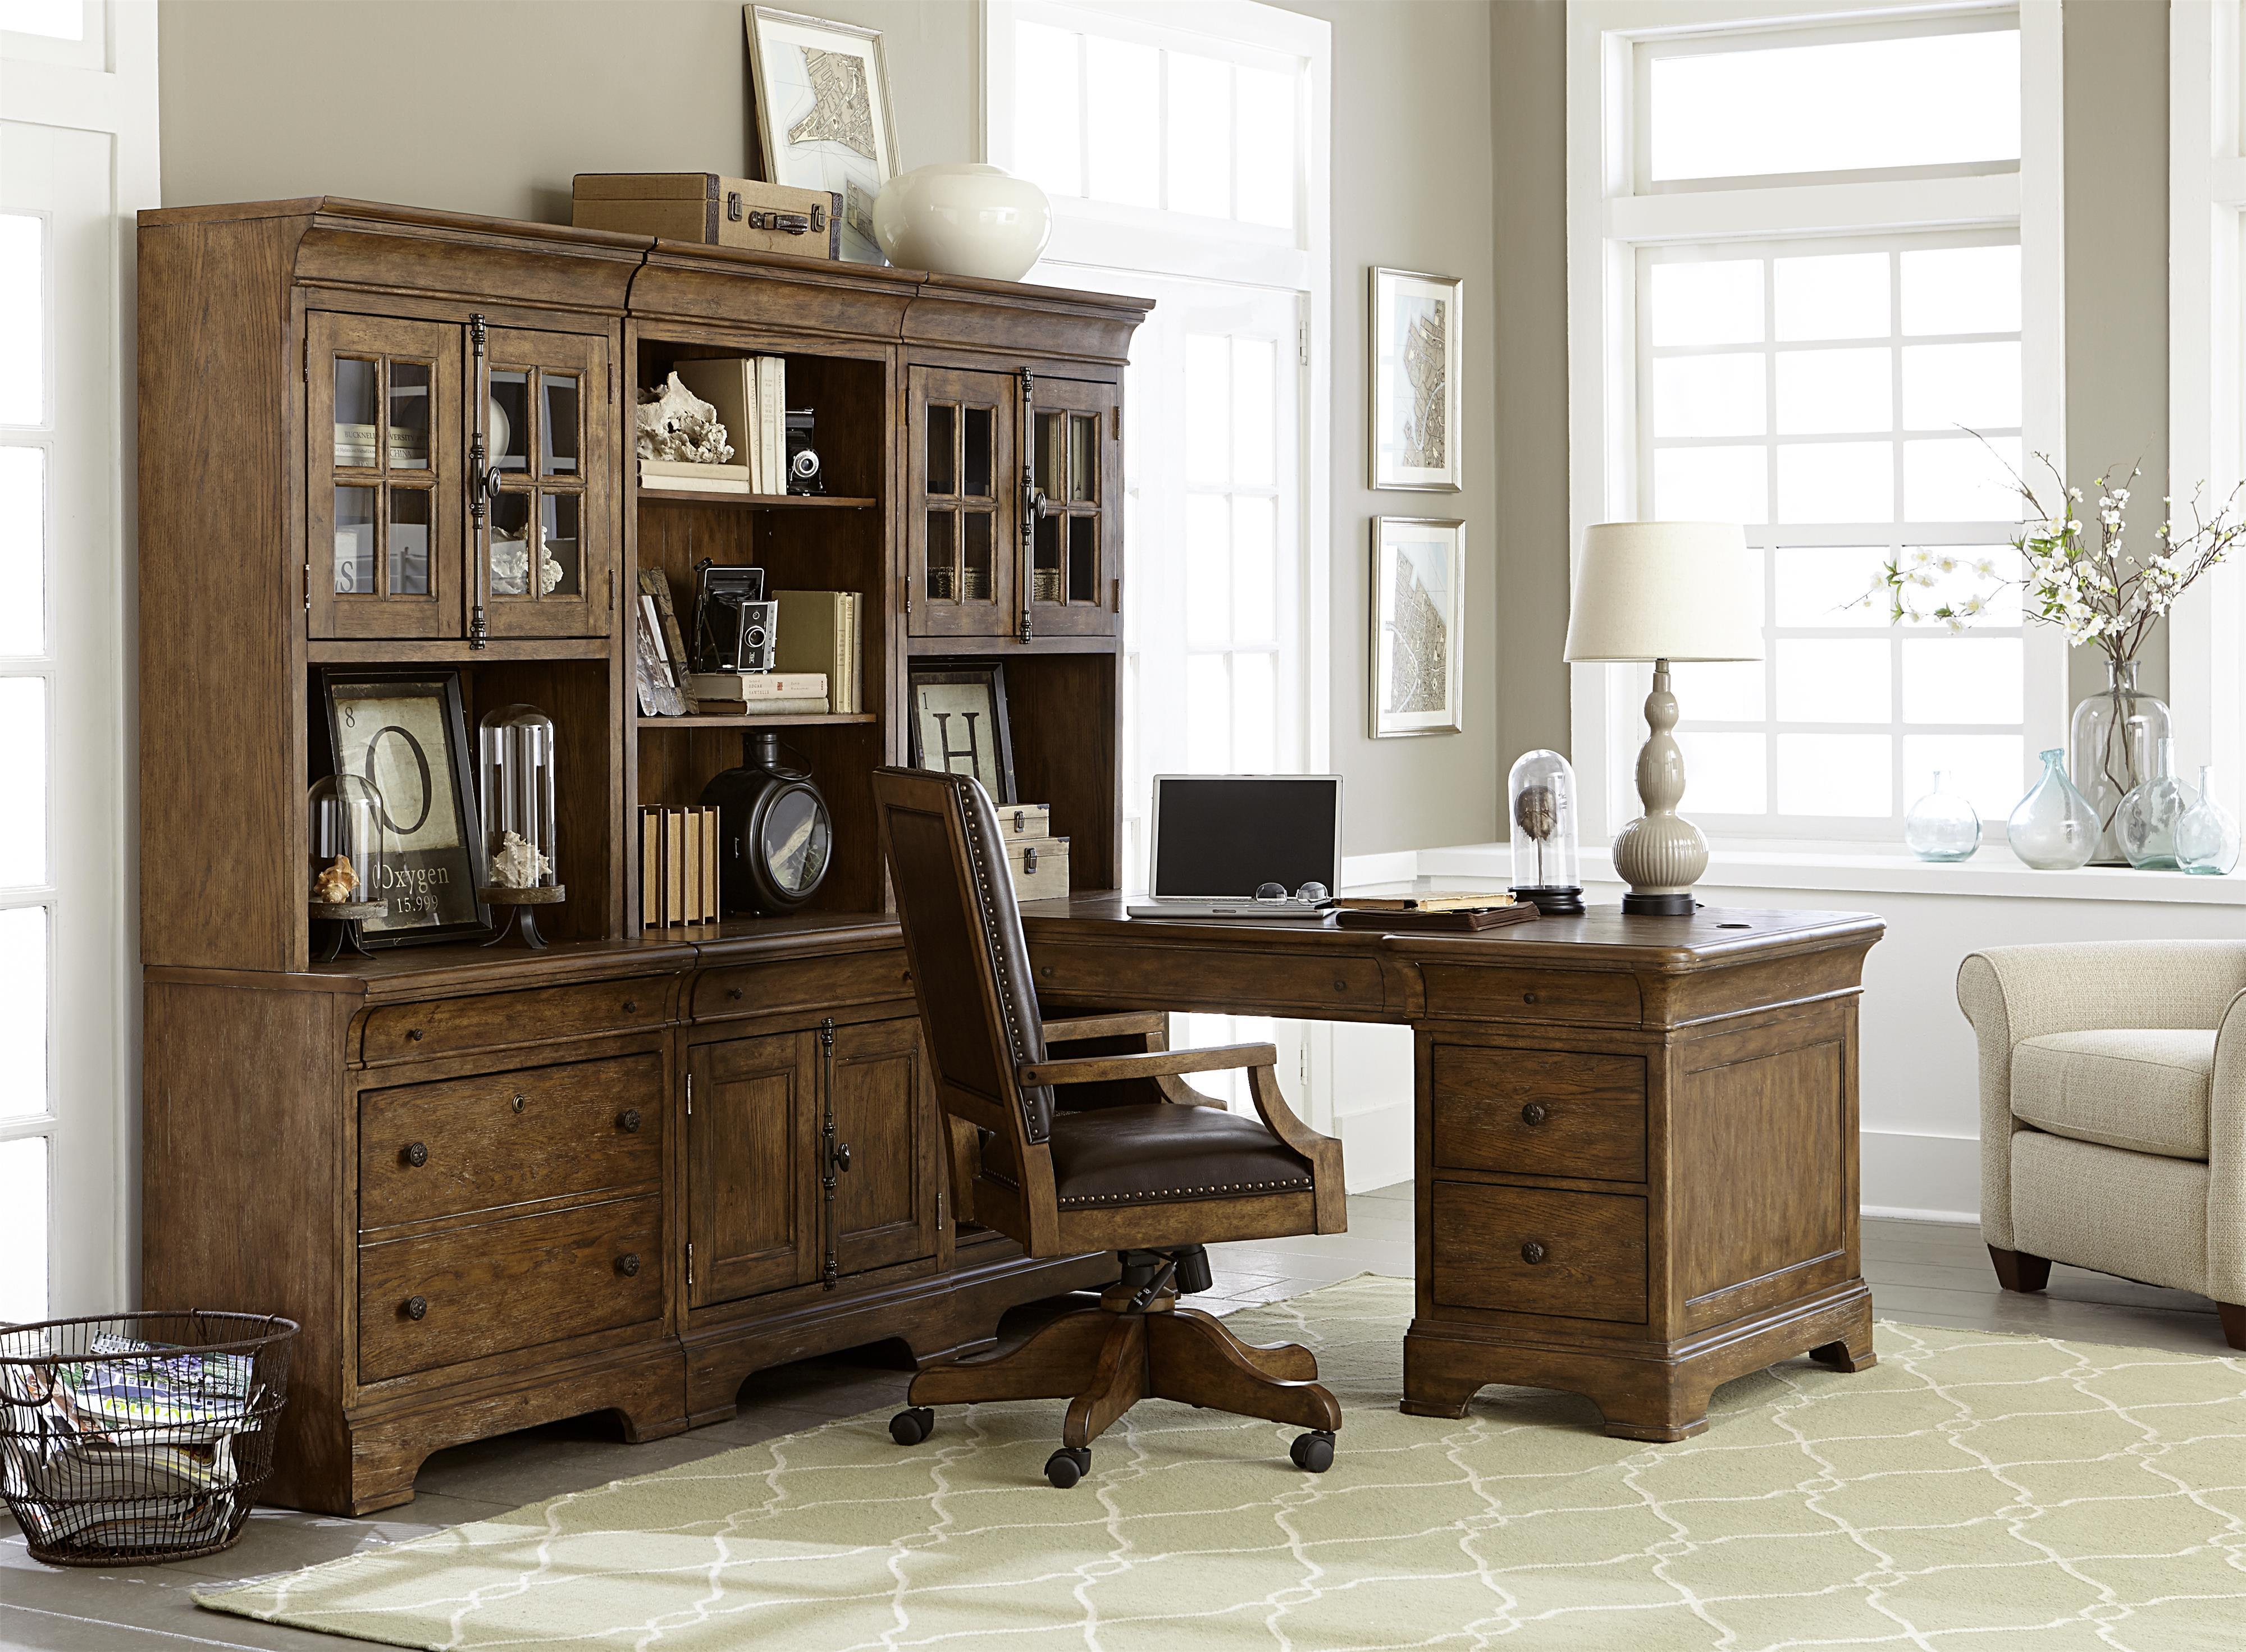 Belfort Select Virginia Mill Desk and Hutch - Item Number: 8854-924PR+2B+4B+6B+6T+2x2T